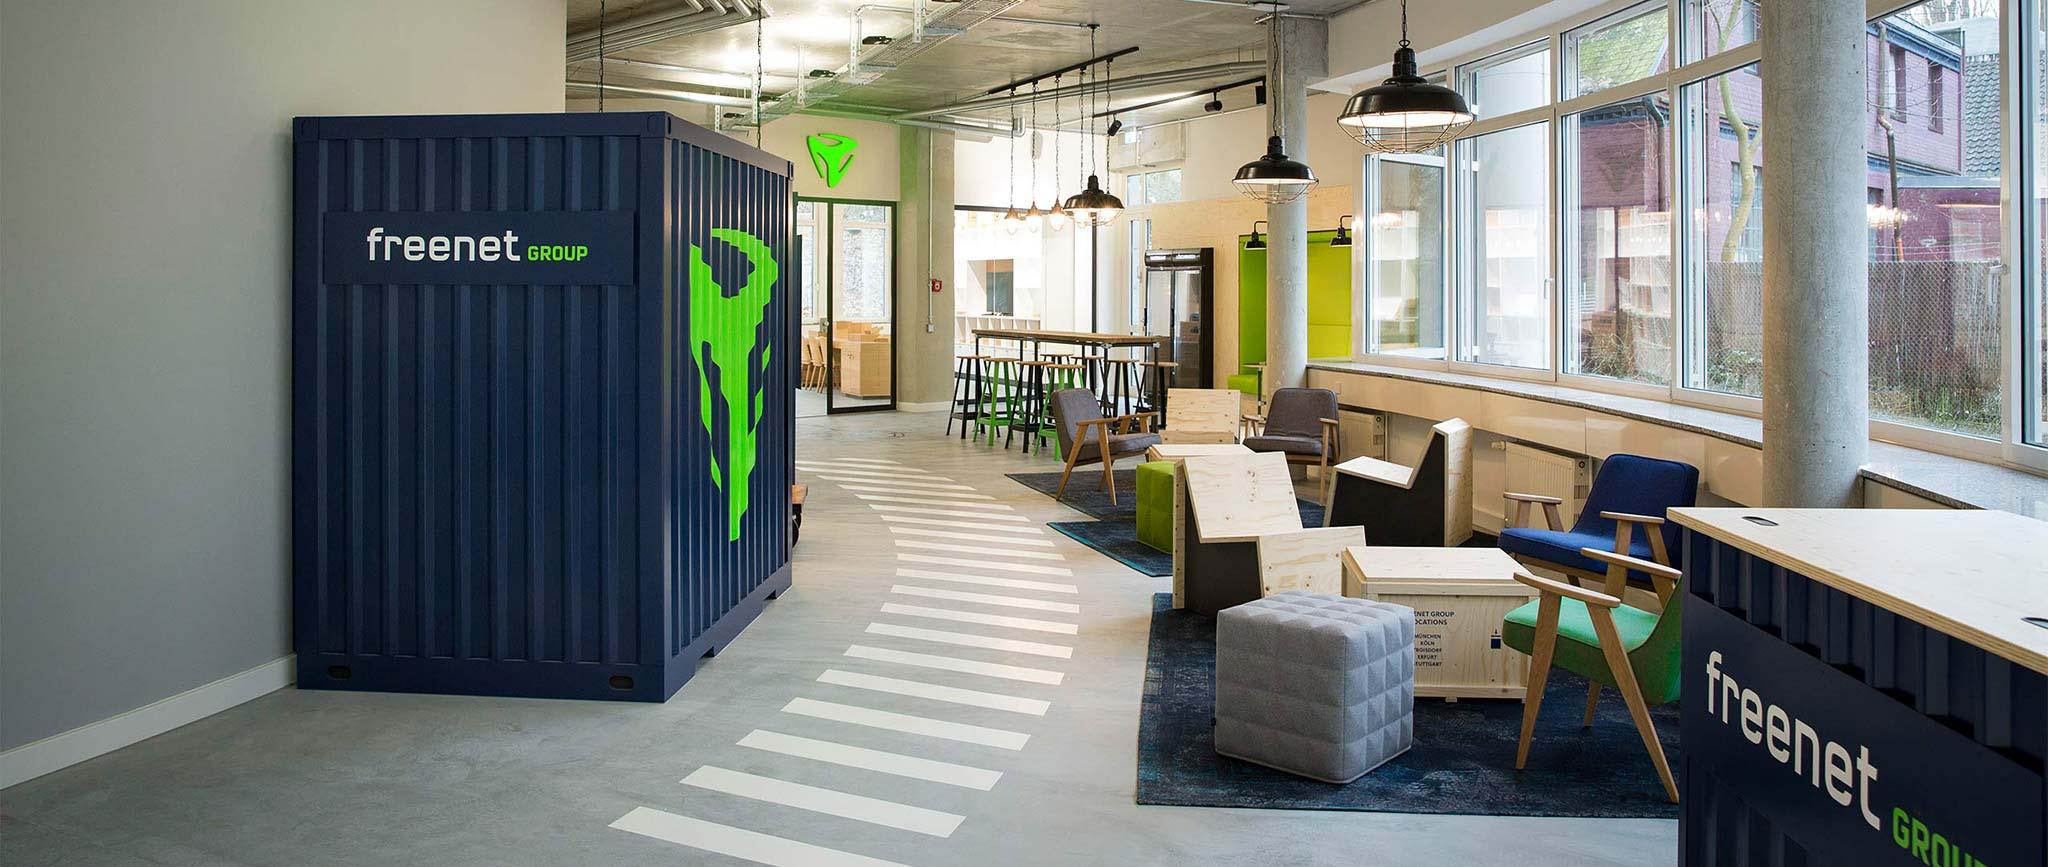 """freenet Group: Office Design """"Campus Hamburg"""" von Agentur Preussisch Portugal aus Hamburg"""